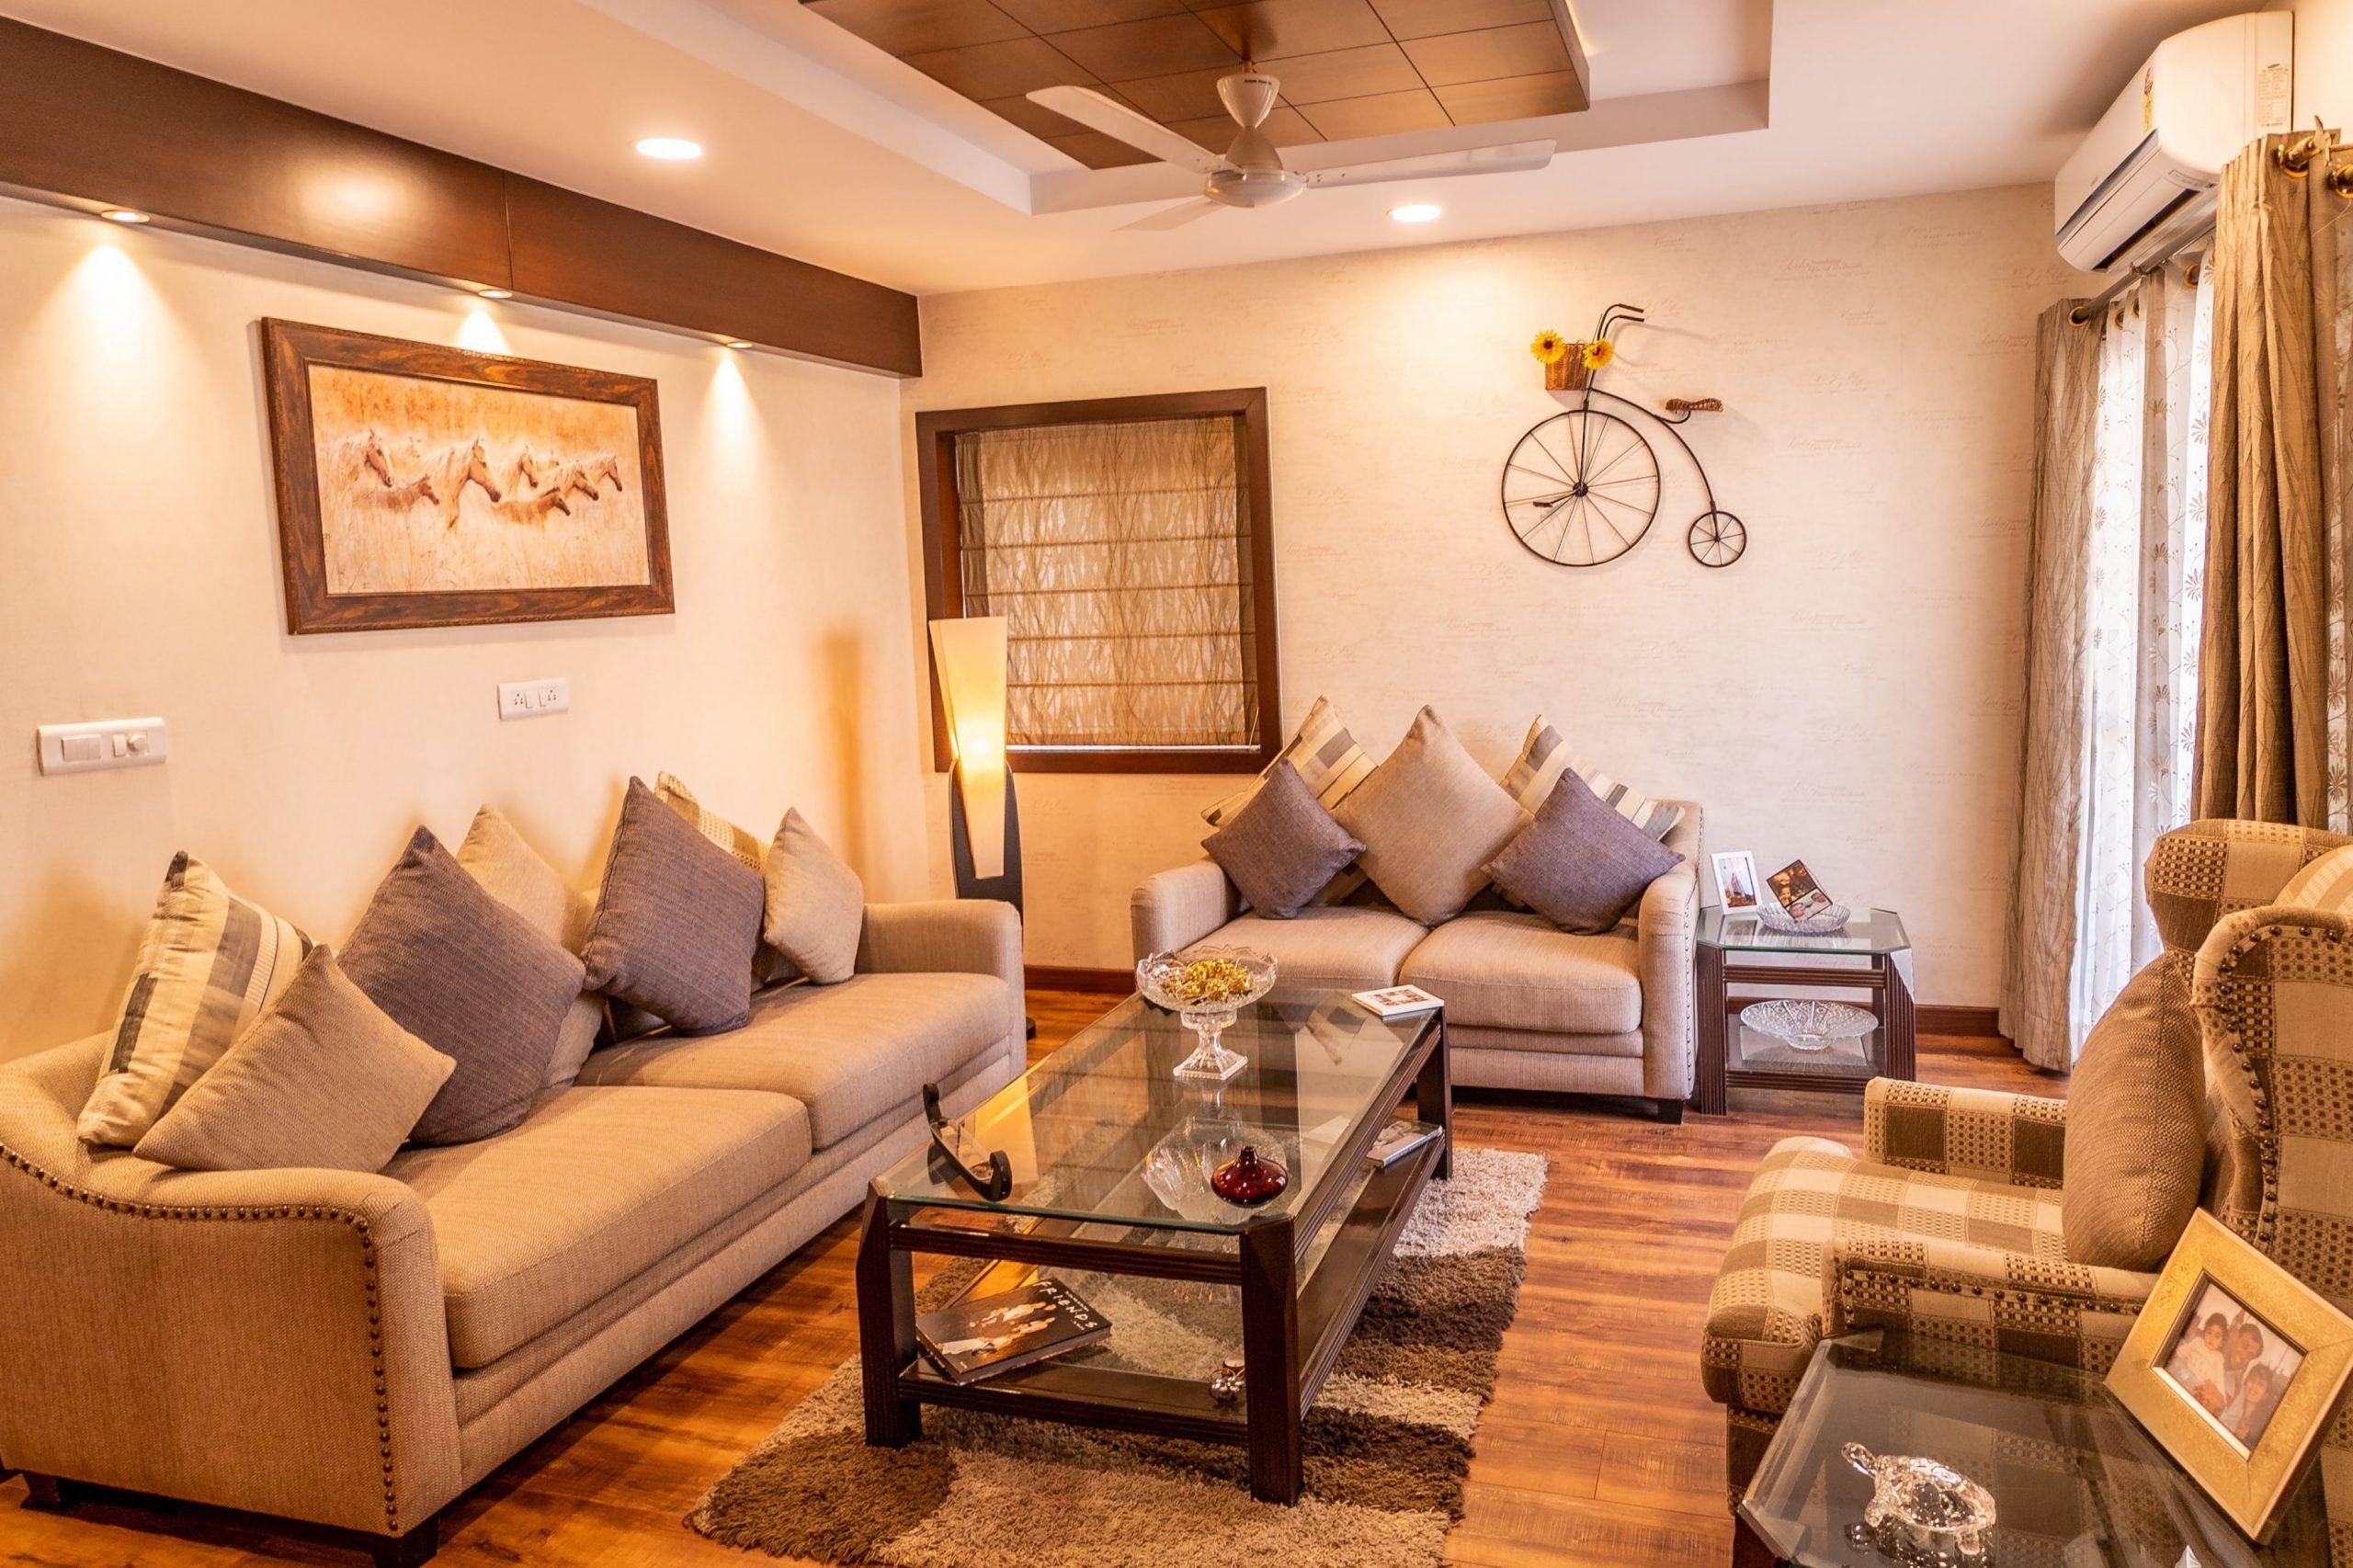 Apartment Interior Design Ideas for 11  Cutting Edge Design Studio - Apartment Decorating Ideas India